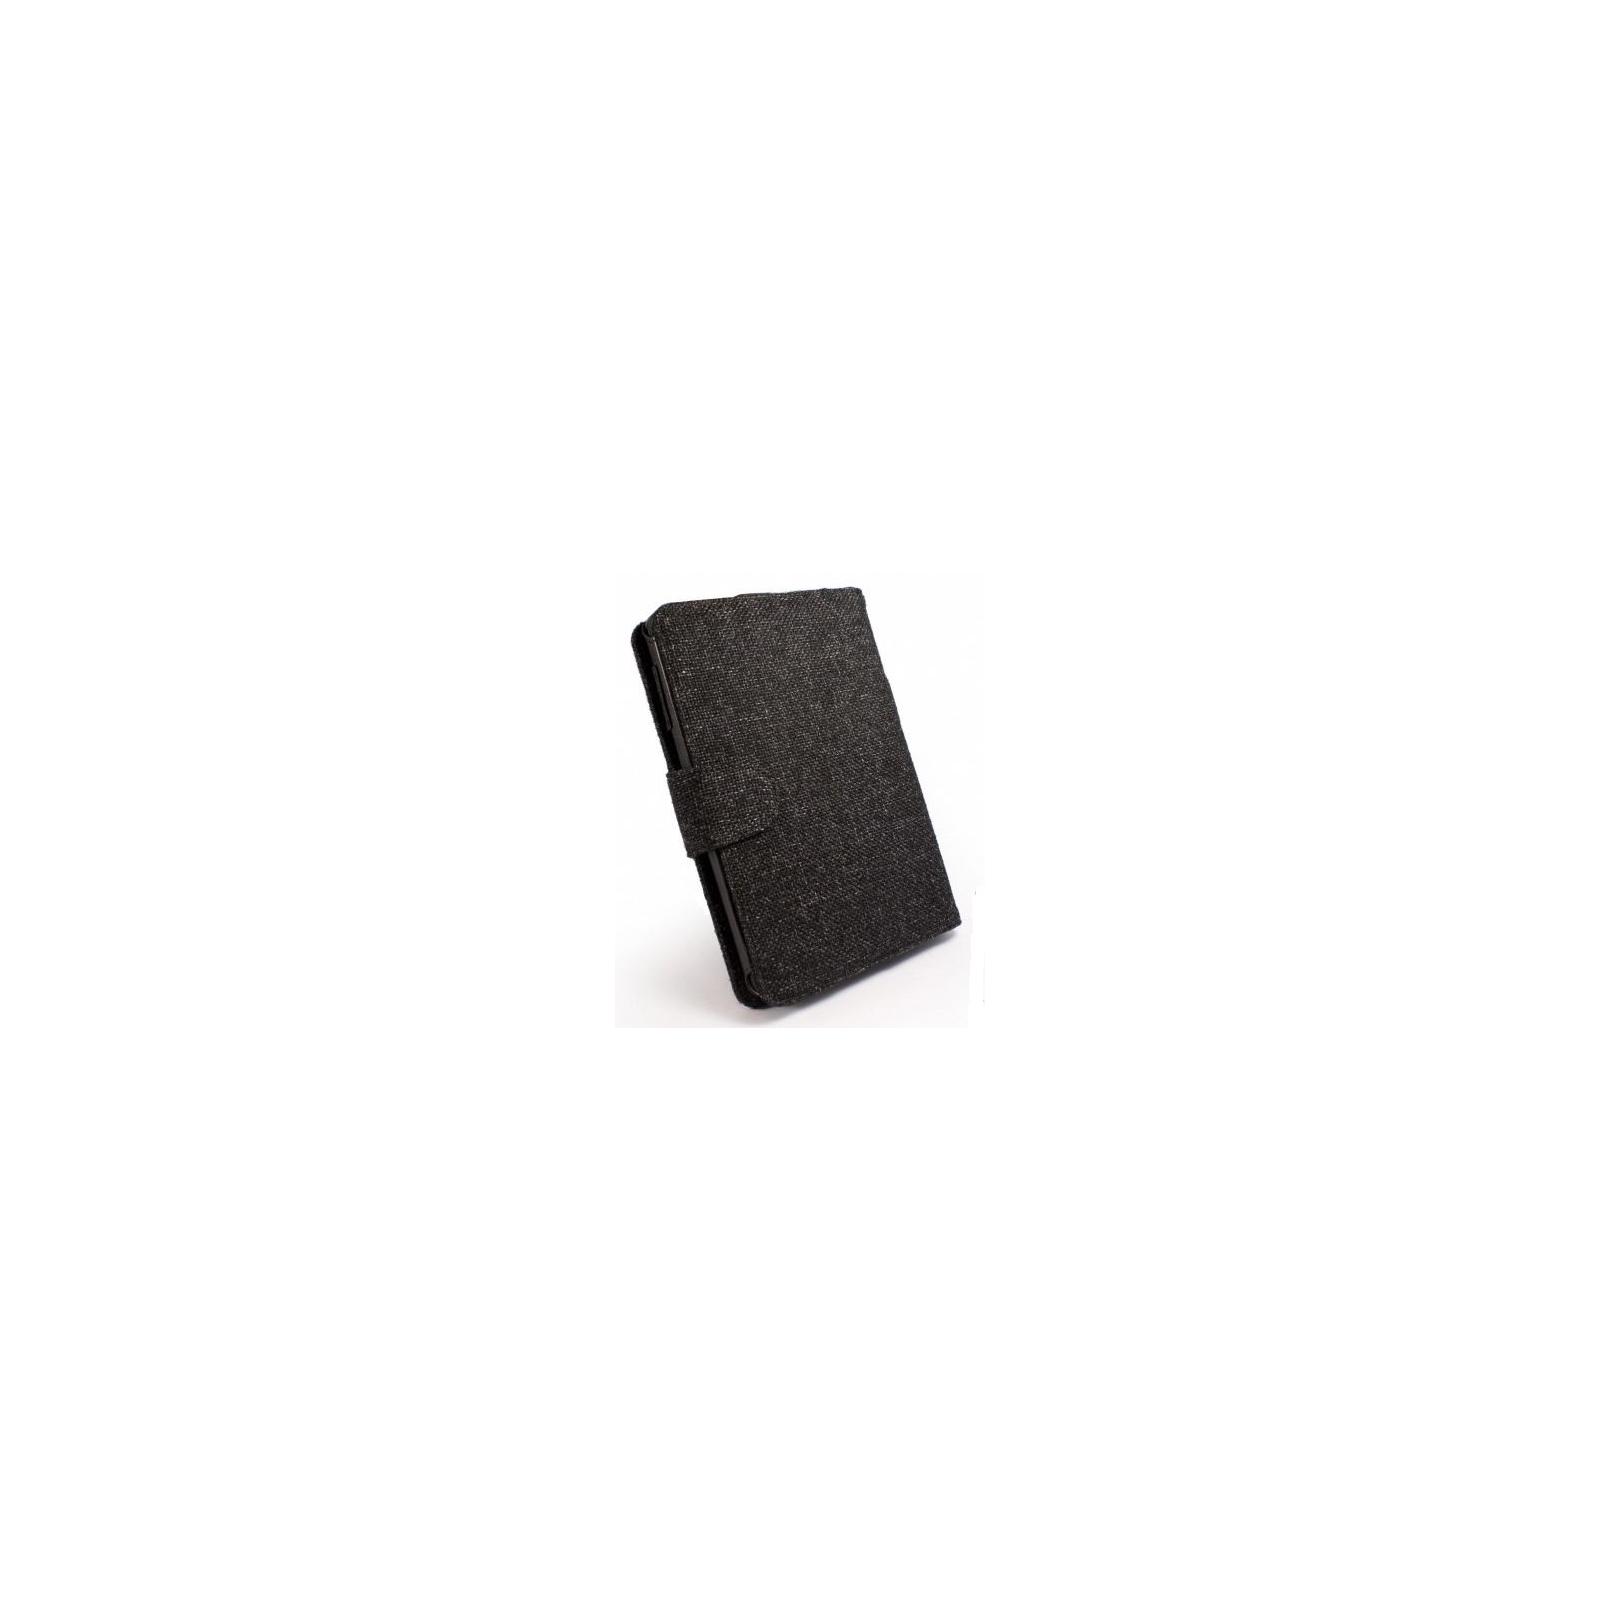 Чехол для электронной книги Tuff-Luv 6 Embrace Plus Hemp Charcoal Black (I3_16)